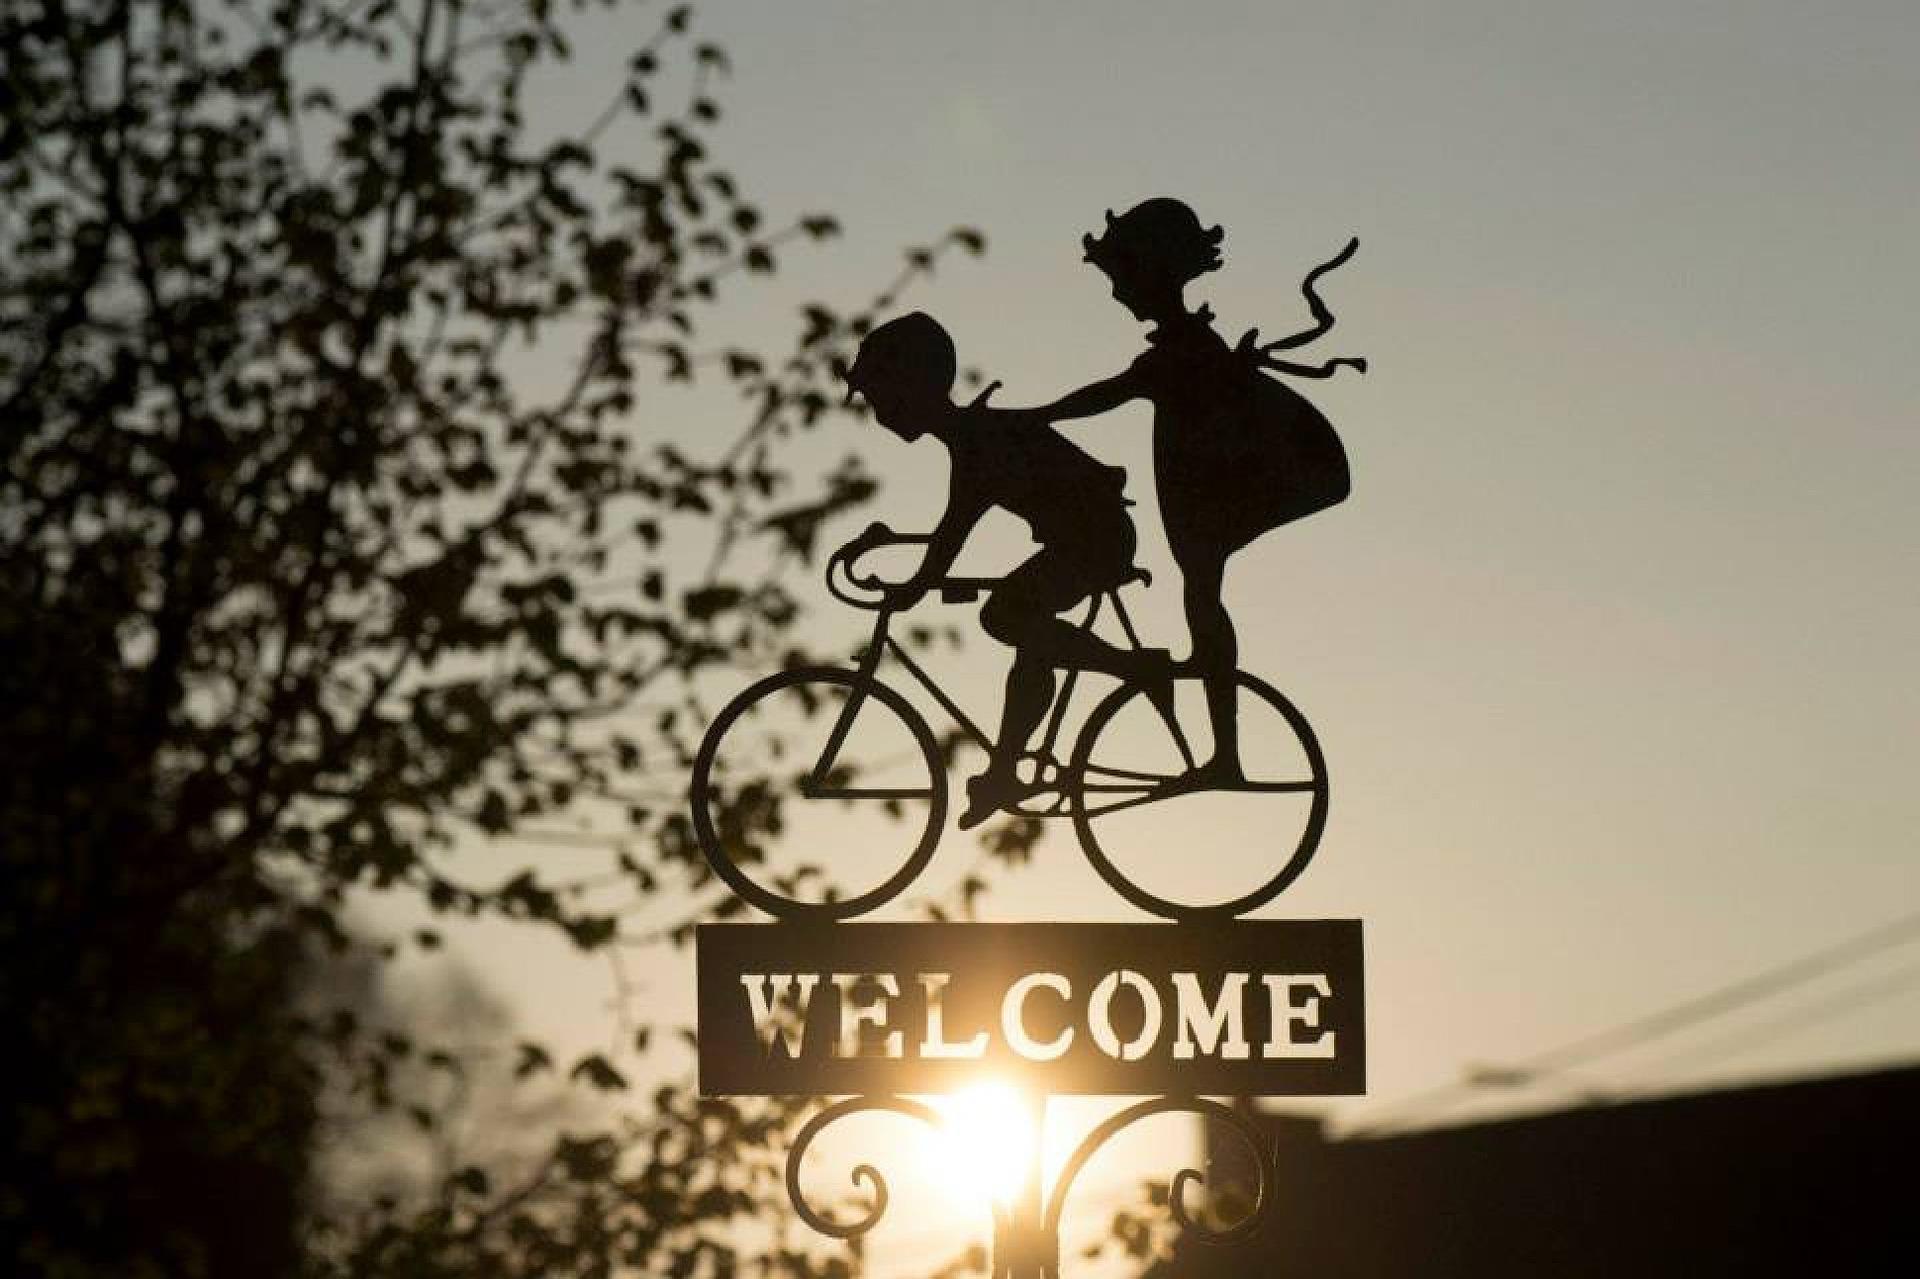 Der Wum heißt die neuen Erstsemester willkommen!